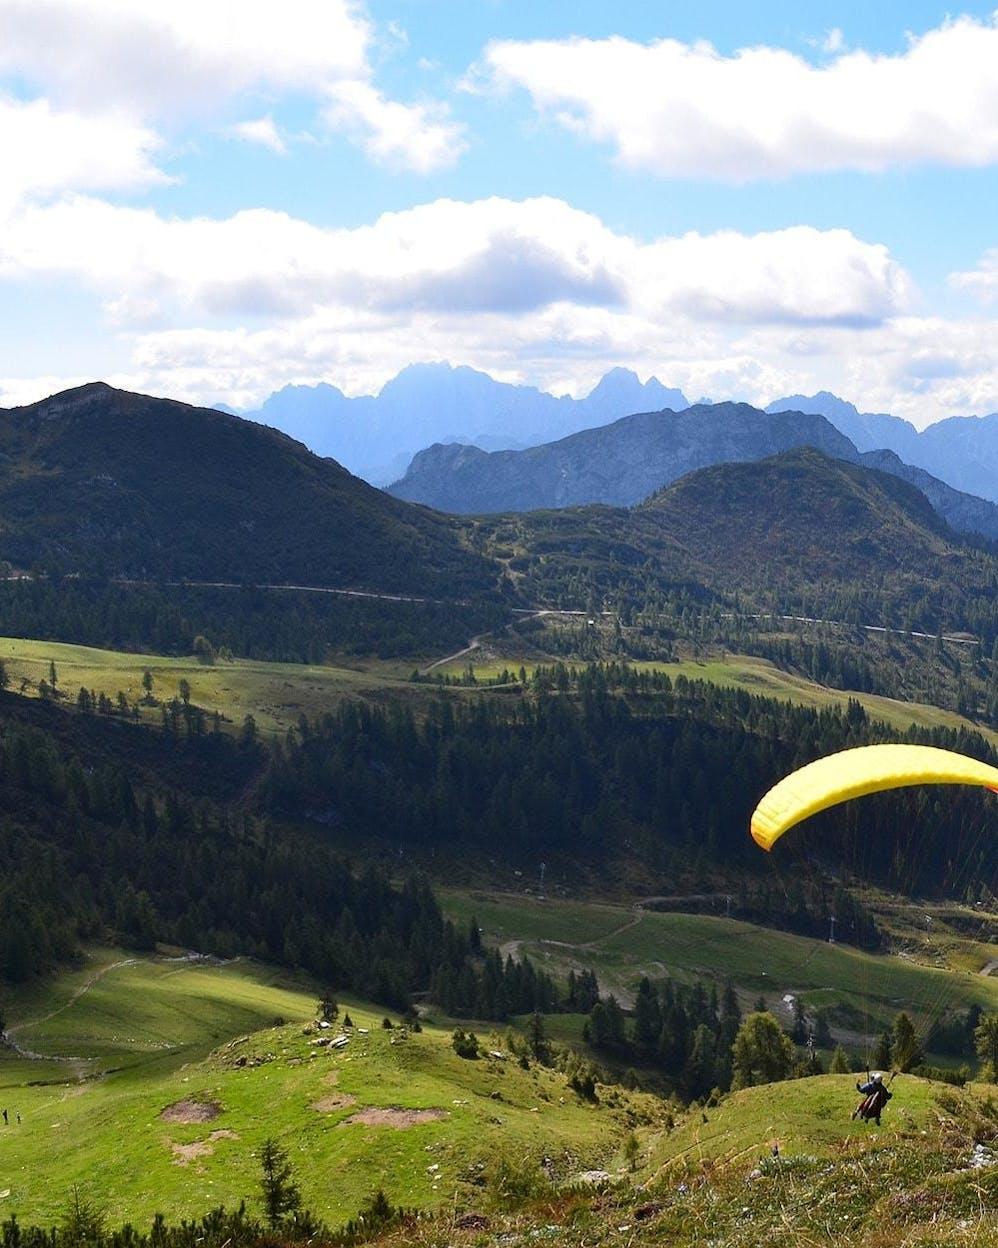 Paragliding Gerlitzen / Villach (c) Pixabay